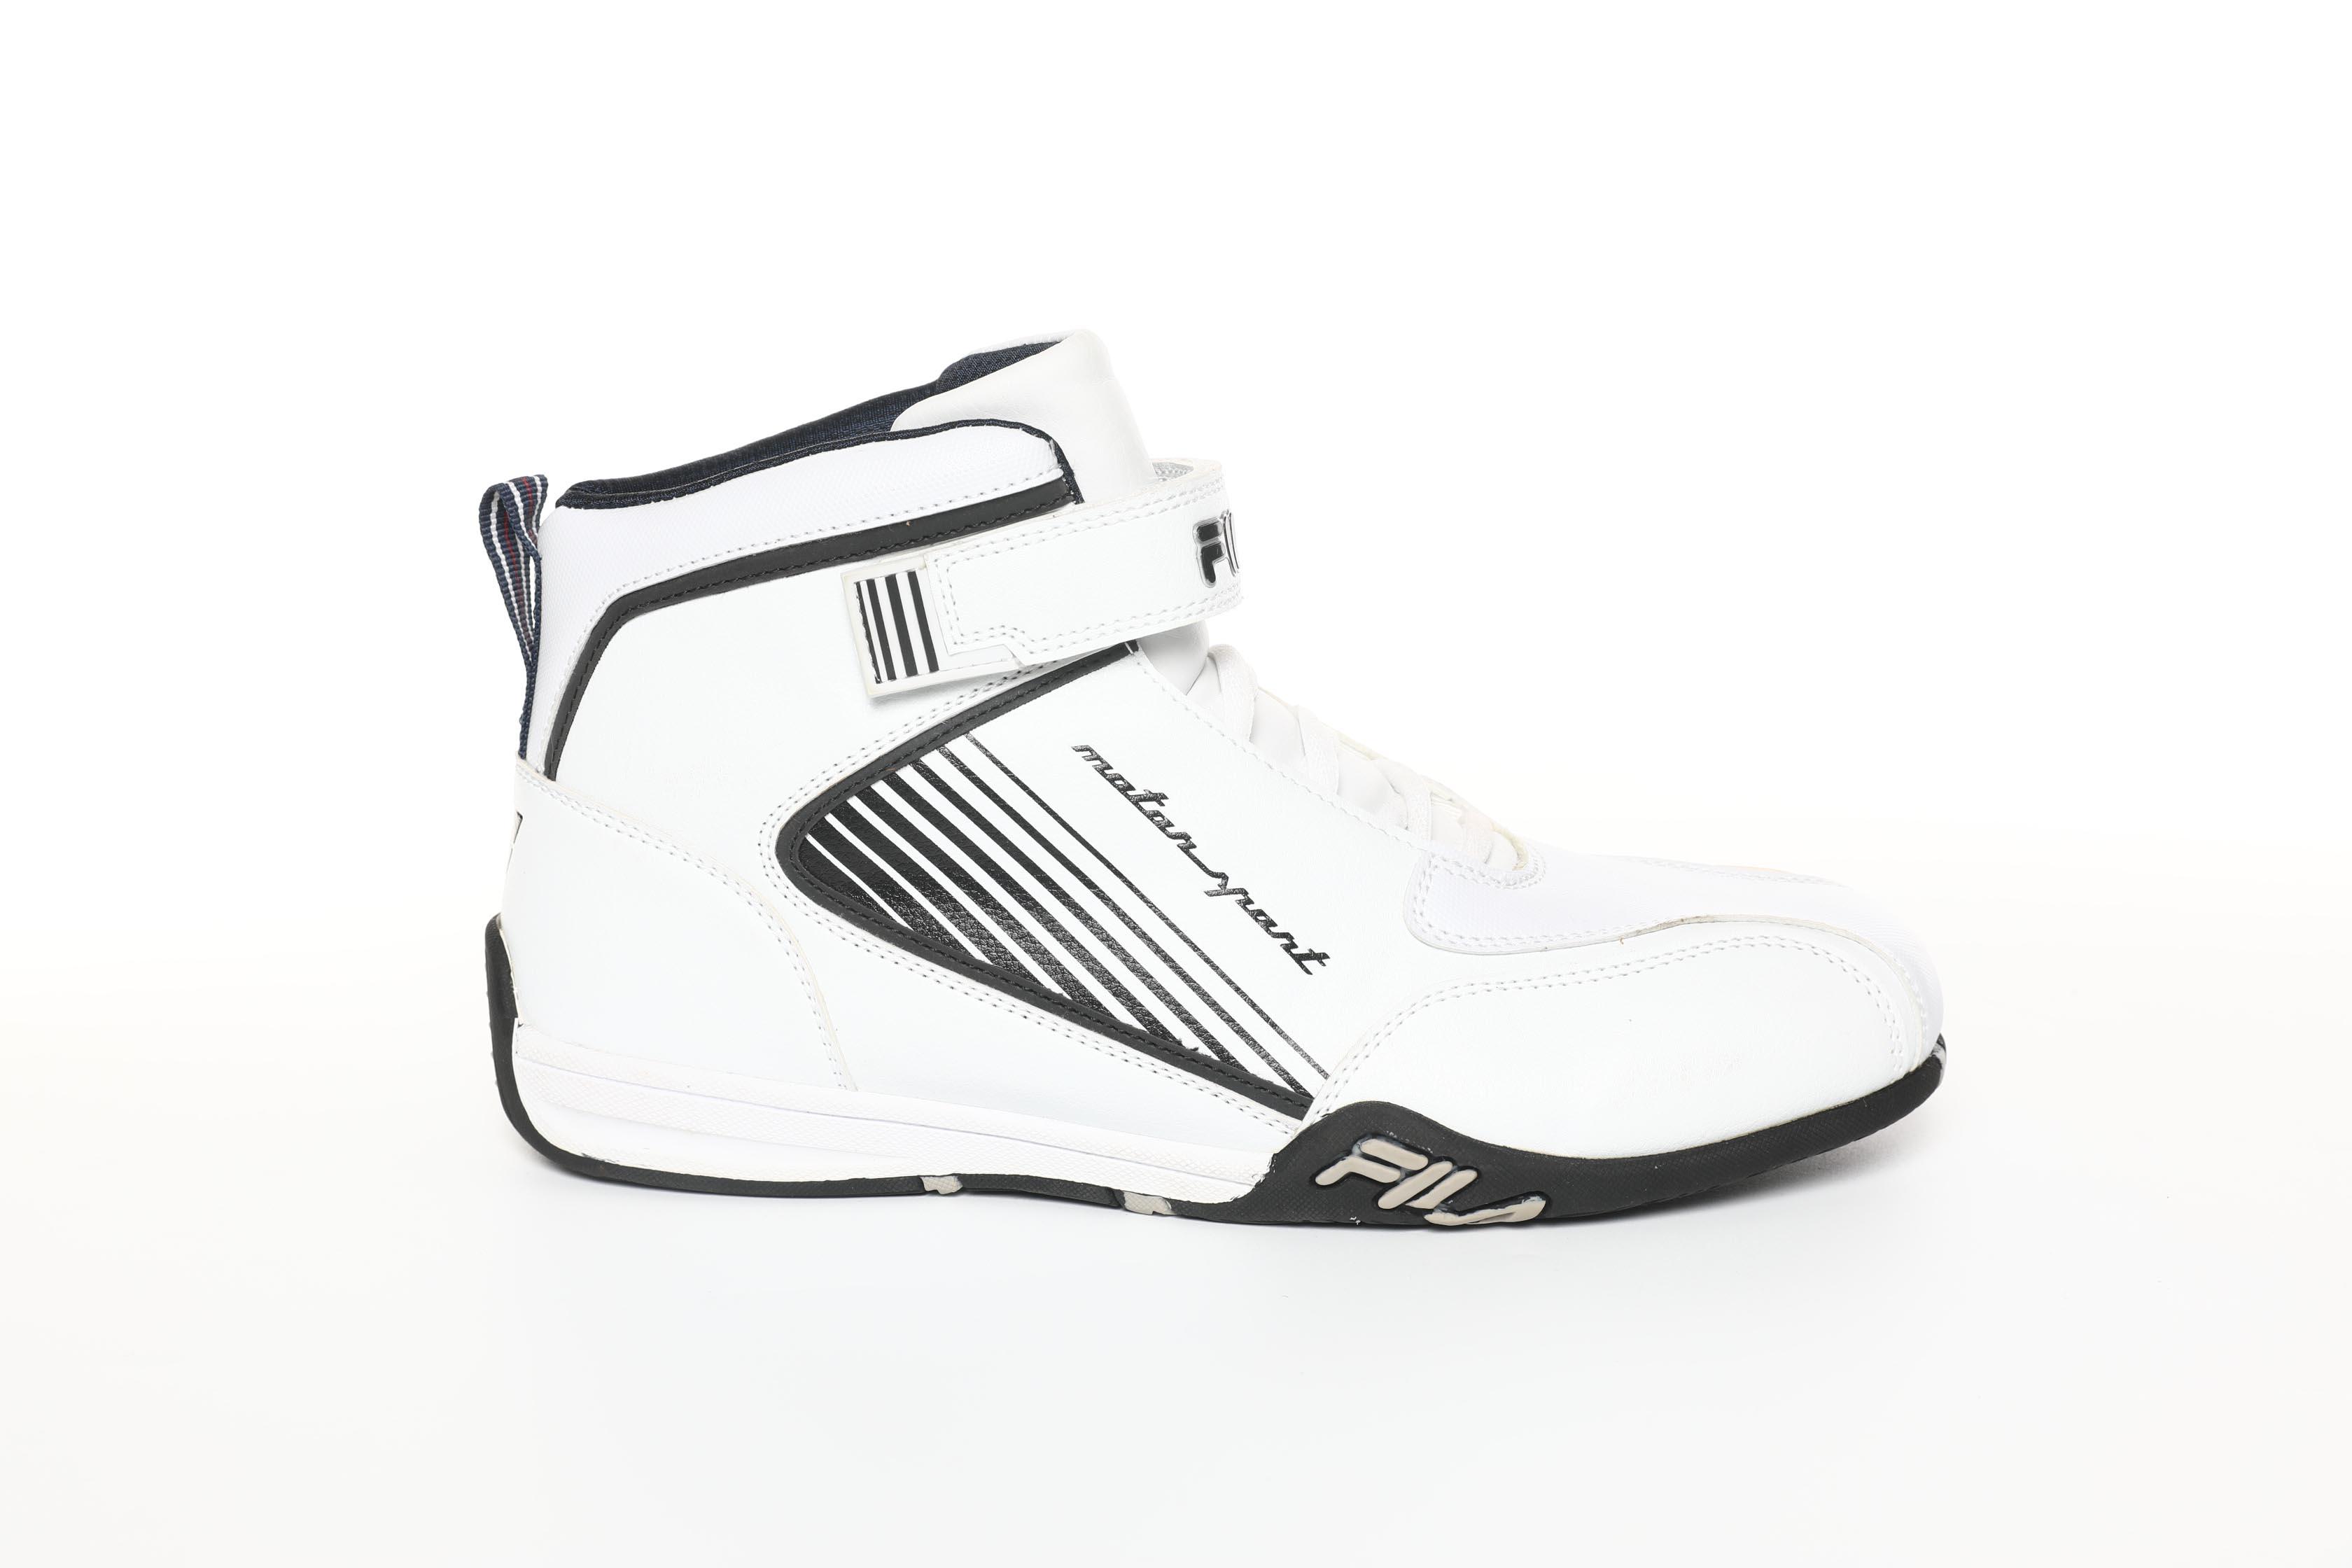 fila ranvijay shoes